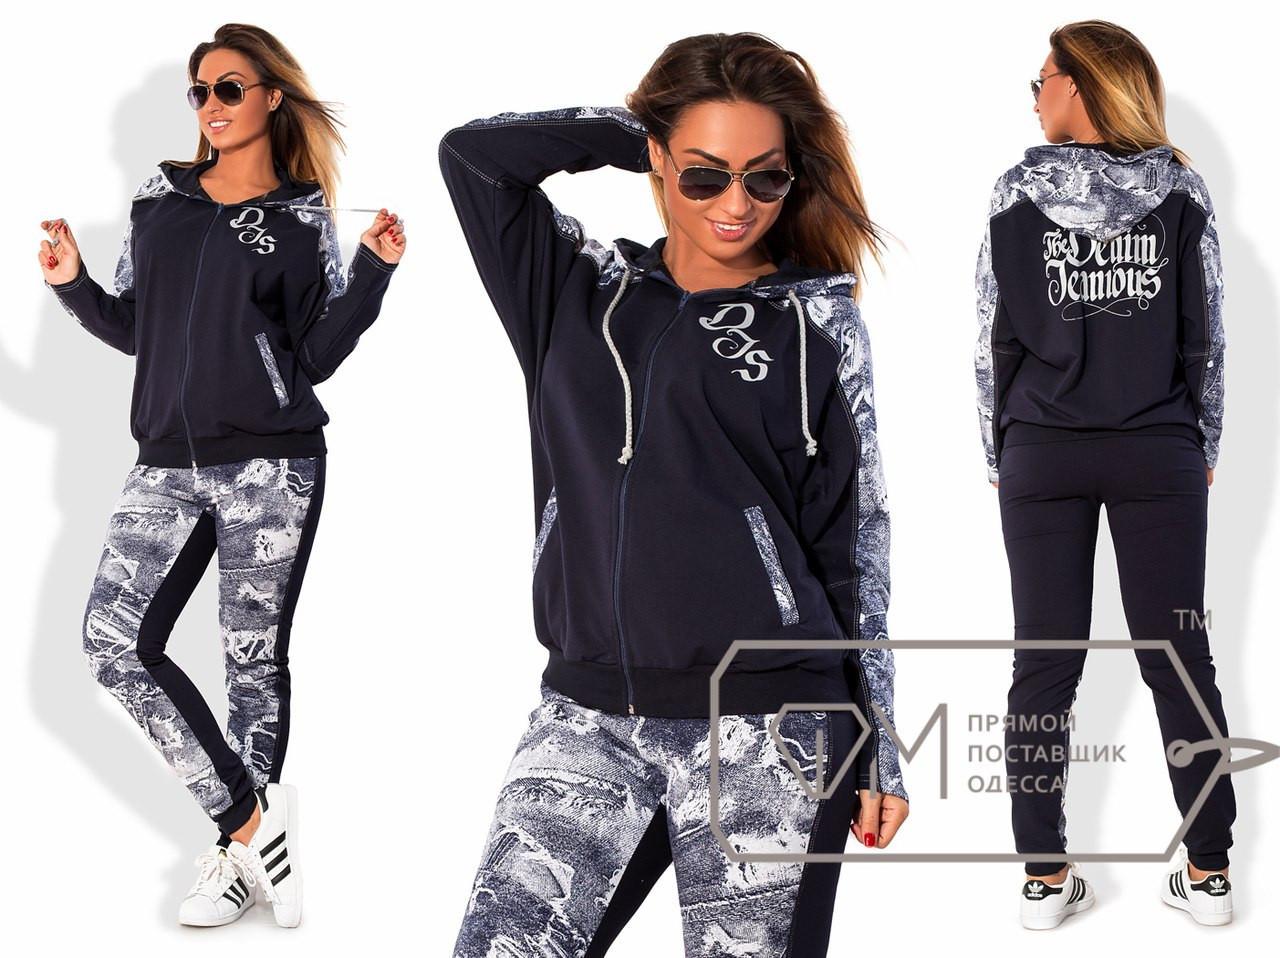 Женский спортивный костюм в батальных размерах o-15uk756